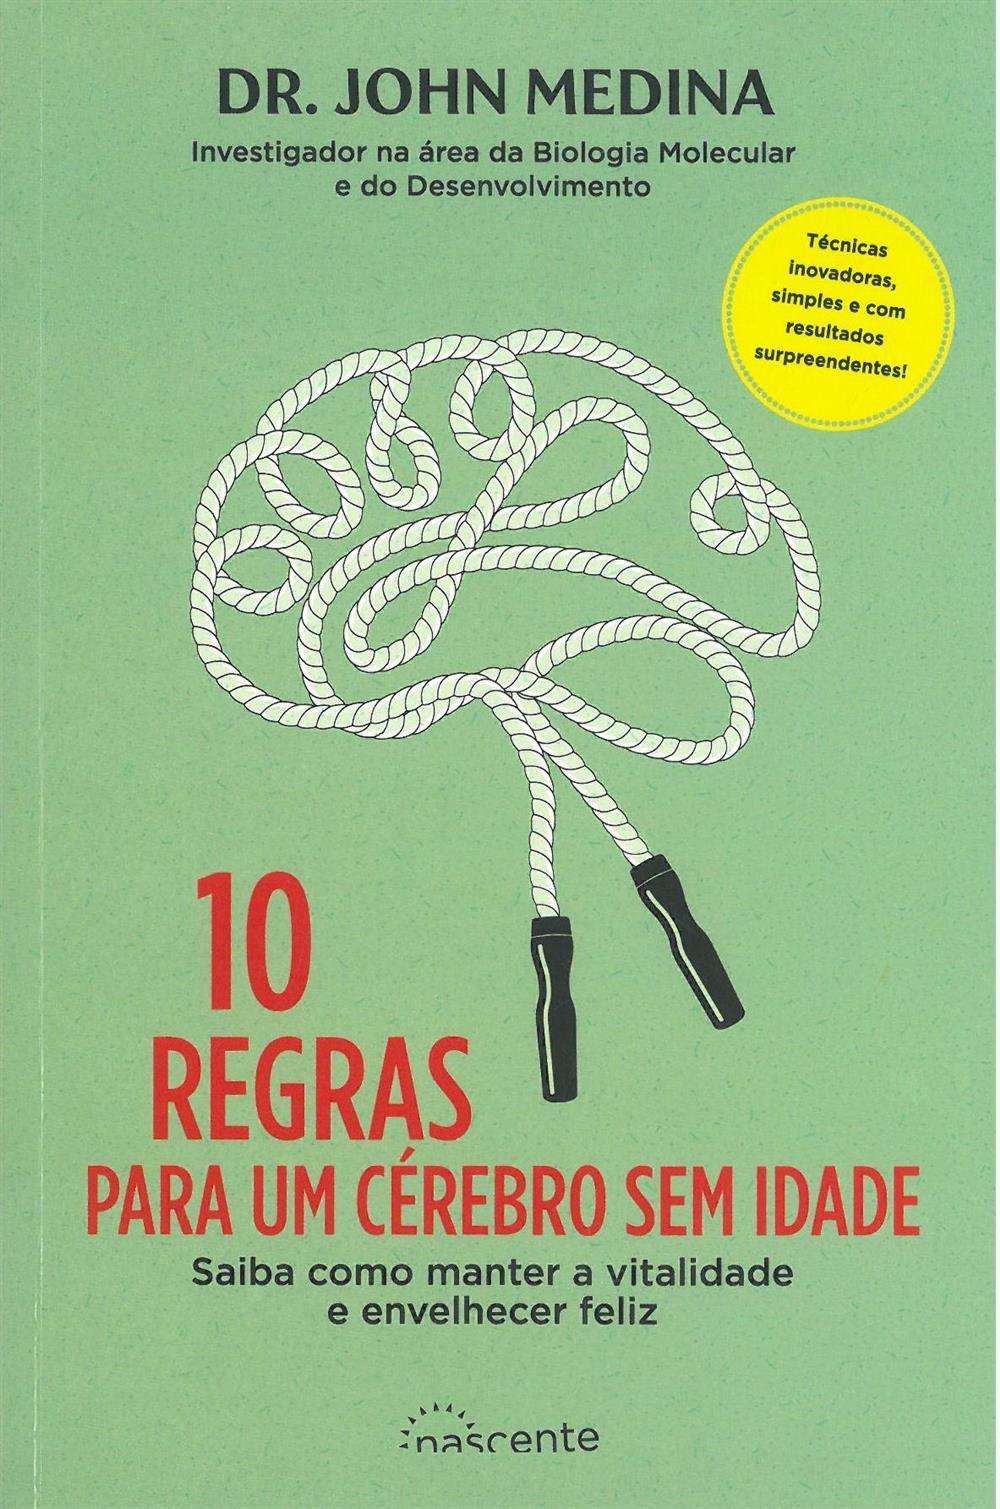 10 regras para um cérebro sem idade.jpg